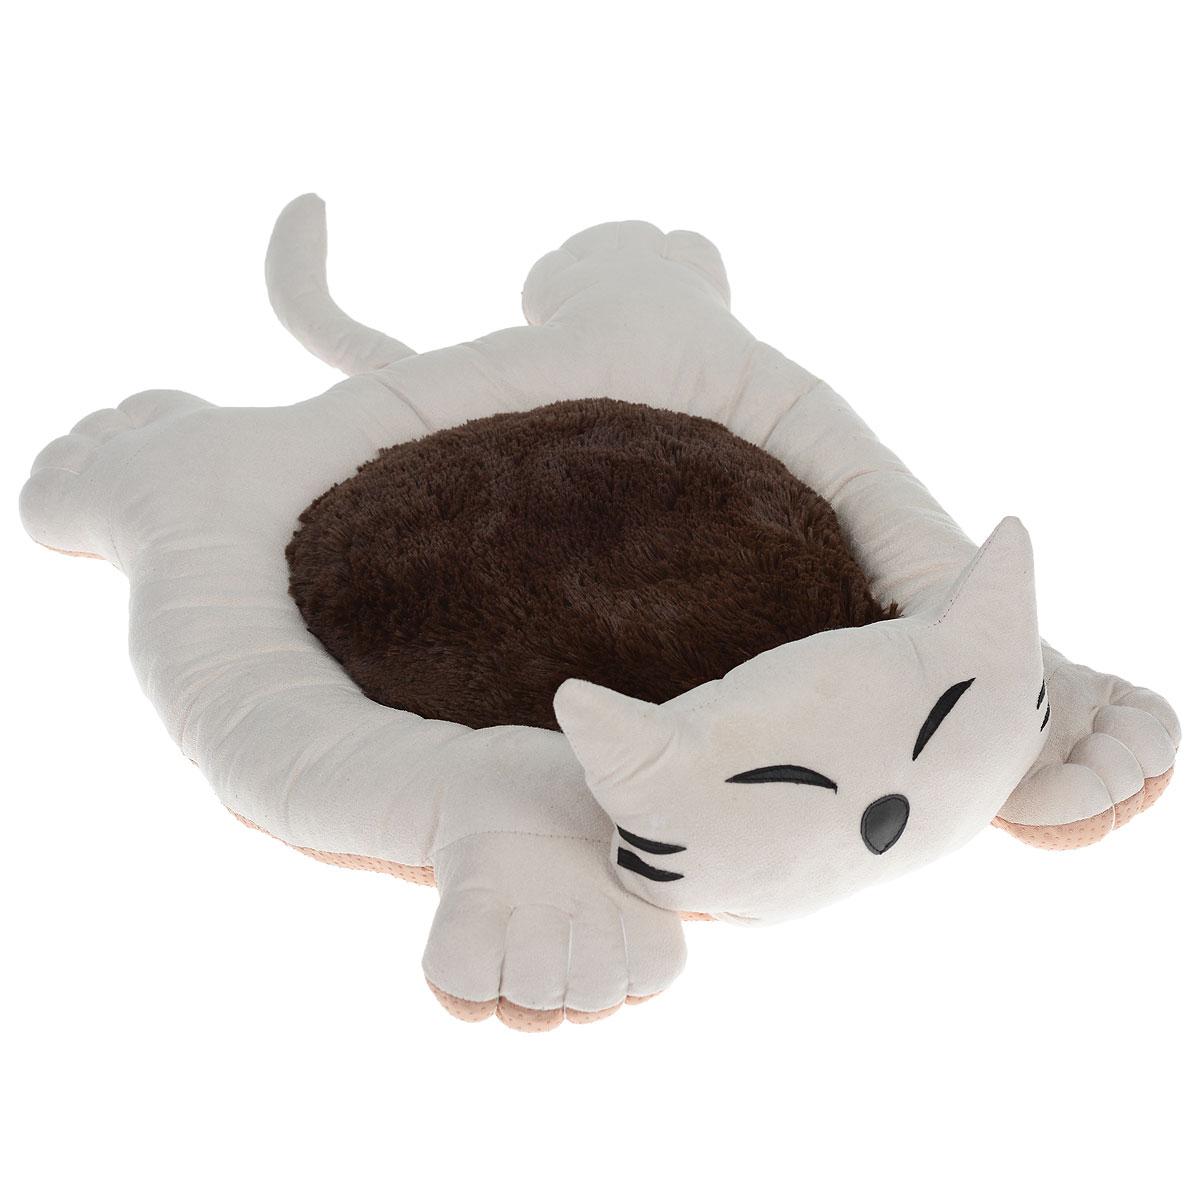 Лежак для собак и кошек I.P.T.S. Sylvester, цвет: бежевый, коричневый, 56 см х 44 см х 14,5 см19208_бежевый/коричневыйМягкий и уютный лежак для кошек и собак I.P.T.S. Sylvester обязательно понравится вашему питомцу. Лежак выполнен в виде кота. Он изготовлен из нежного, приятного материала. Внутри - мягкий наполнитель, который не теряет своей формы долгое время. Мягкий, приятный и теплый лежак обеспечит вашему любимцу уют и комфорт. Подходит как для кошек, так и для маленьких, карликовых пород собак. За изделием легко ухаживать, можно стирать вручную или в стиральной машине при температуре 30°С. Материал бортиков: искусственная замша. Материал матрасика: плюш. Наполнитель: полифибер. Товар сертифицирован.